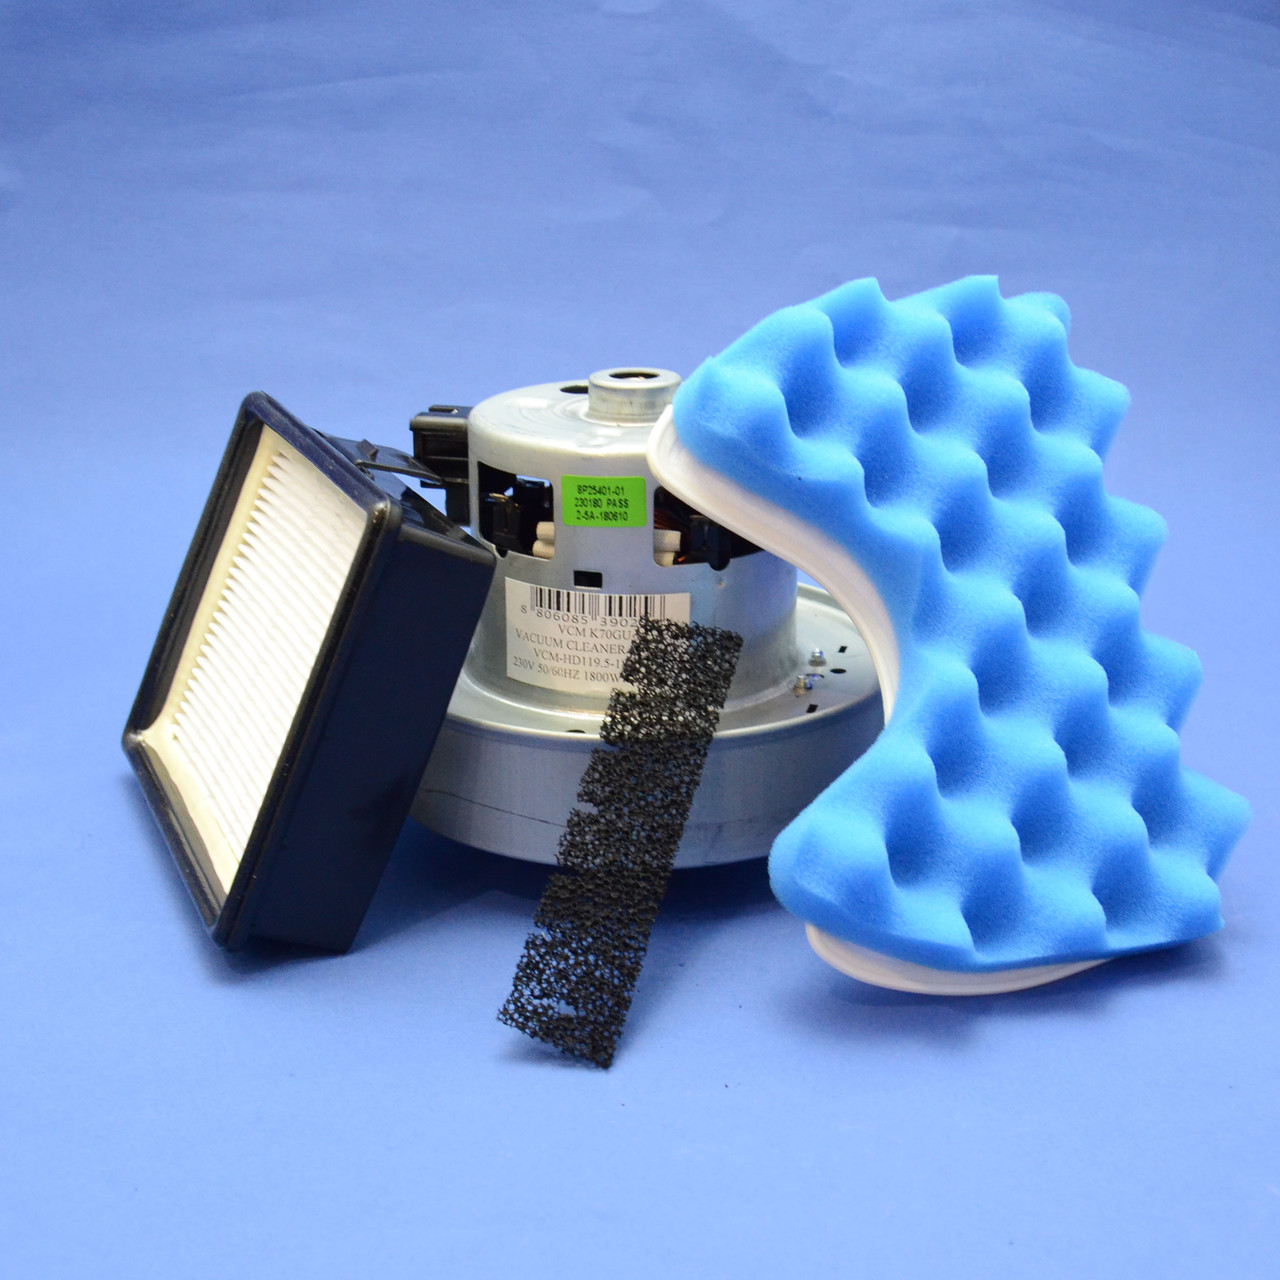 Комплект двигатель VCM K-70GU 1800W + набор фильтров для пылесоса Samsung (серии 6500)